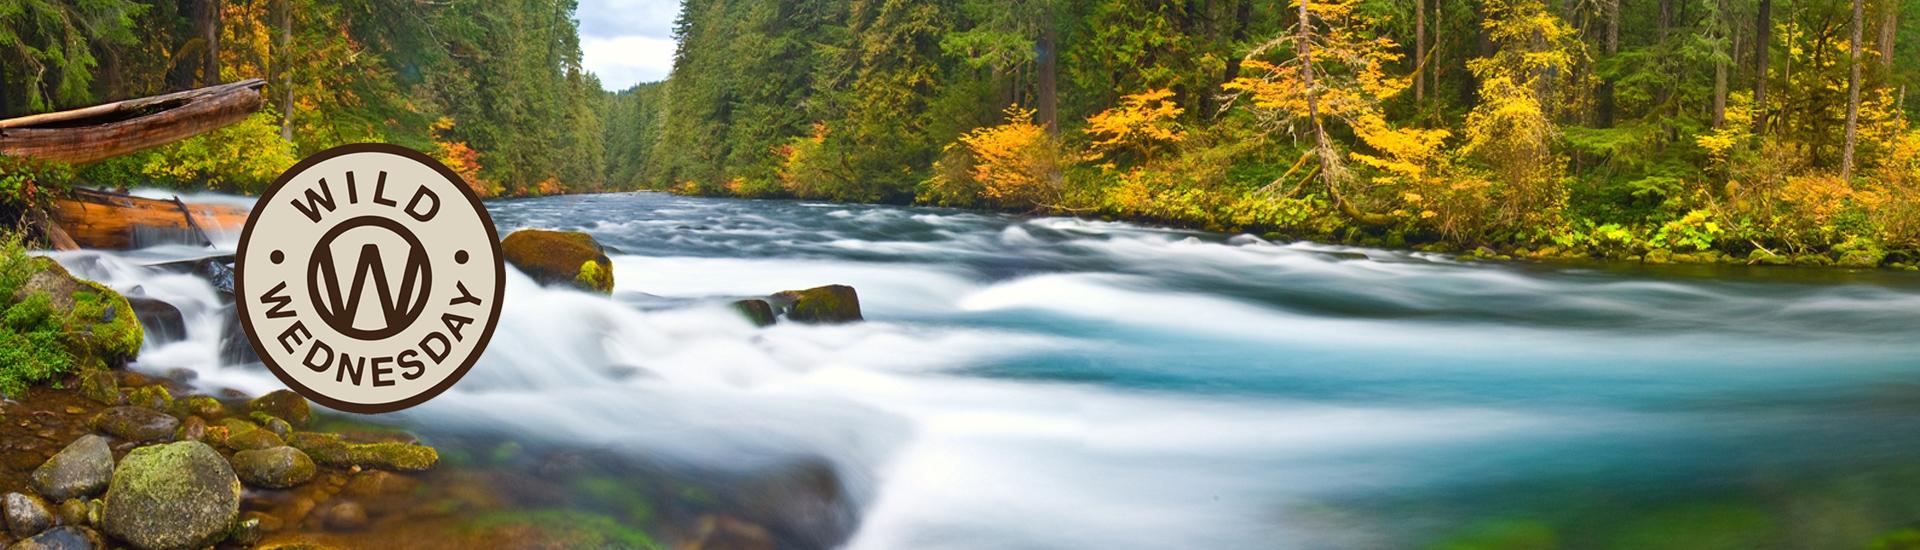 Oregon Wild Wednesday with Tim Palmer (McKenzie River by Joel Zak)